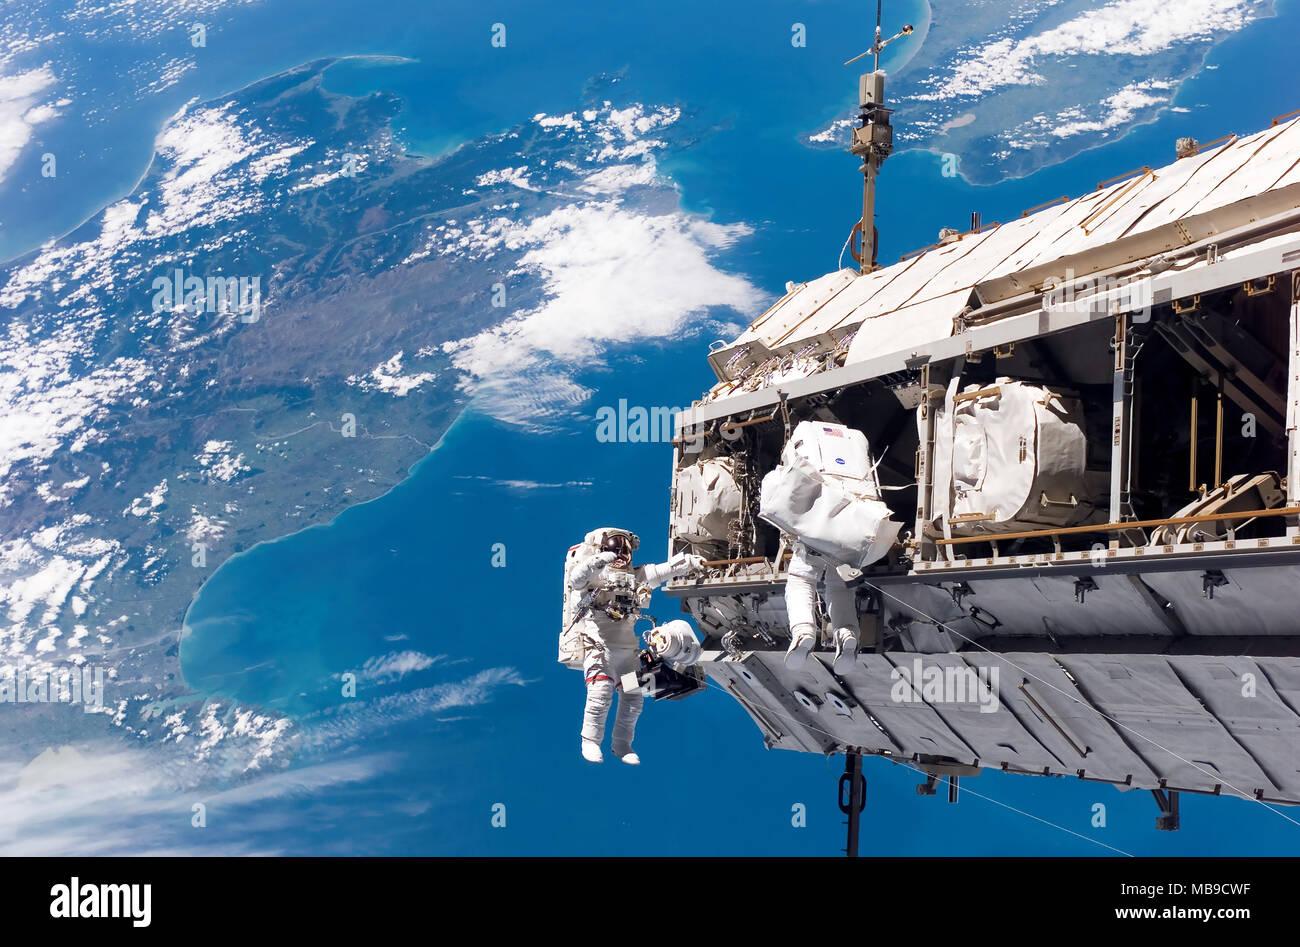 Les astronautes DE LA STATION SPATIALE INTERNATIONALE travaillant sur la construction de la poutre intégrée l'article le 12 décembre 2006. Les îles du nord et du sud de la Nouvelle-Zélande sont en dessous d'eux. Photo Stock